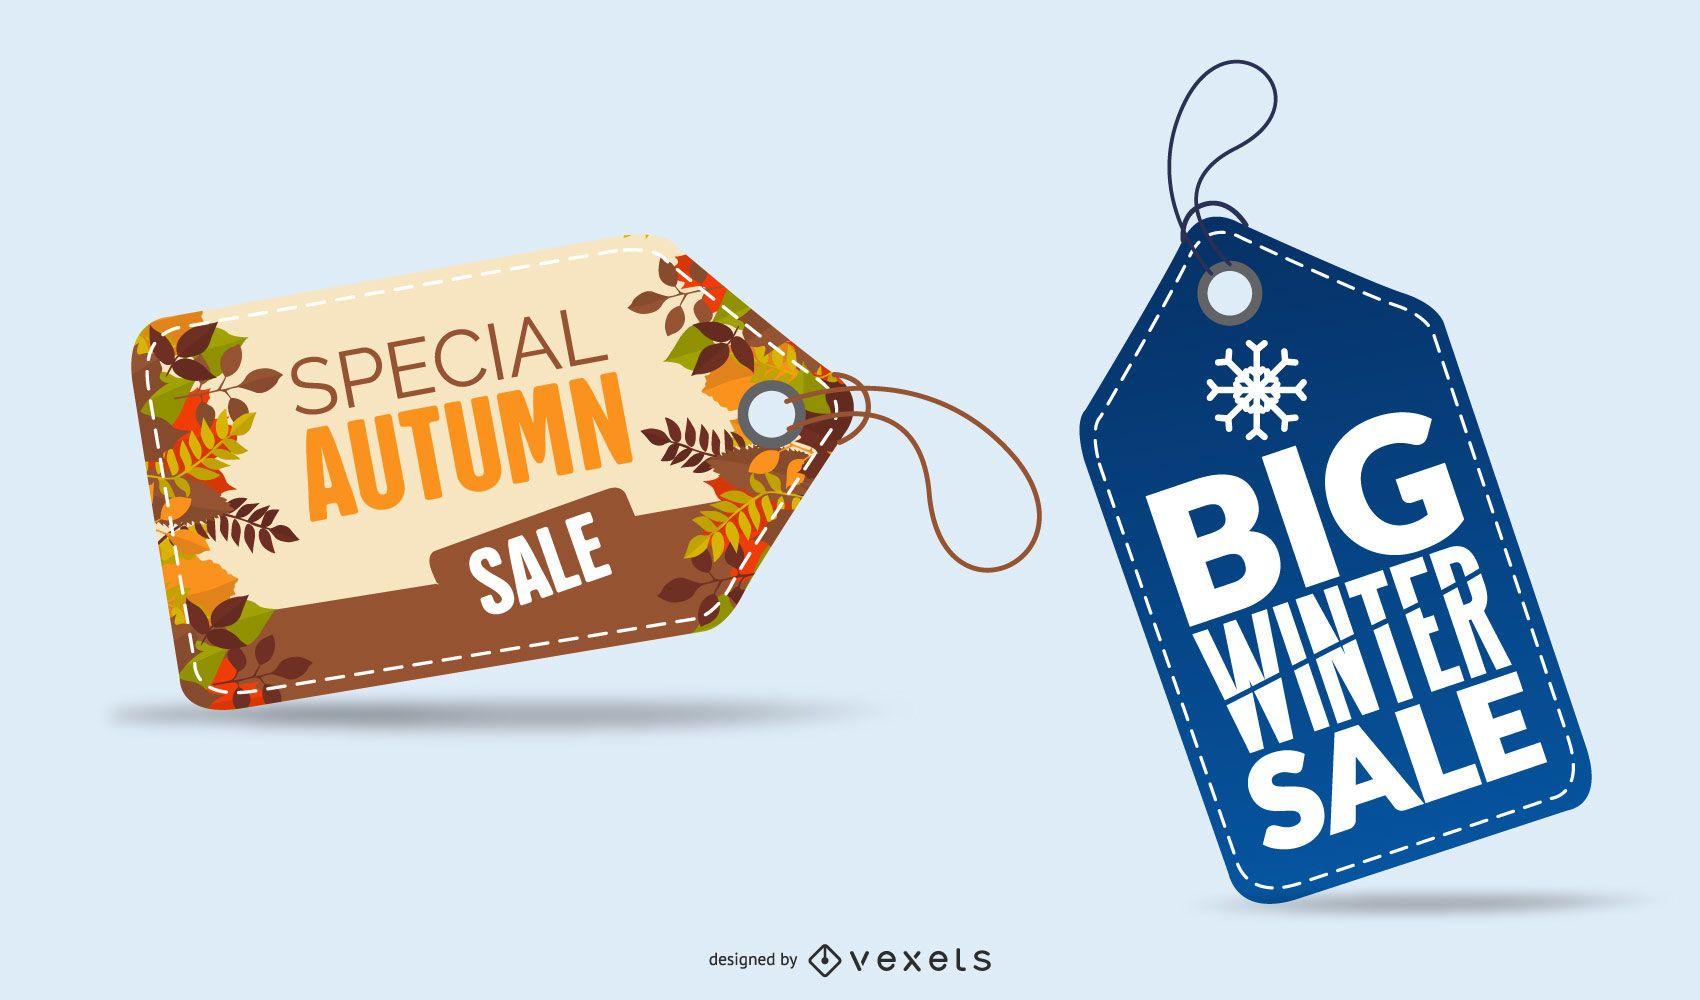 Kit of seasonal sales